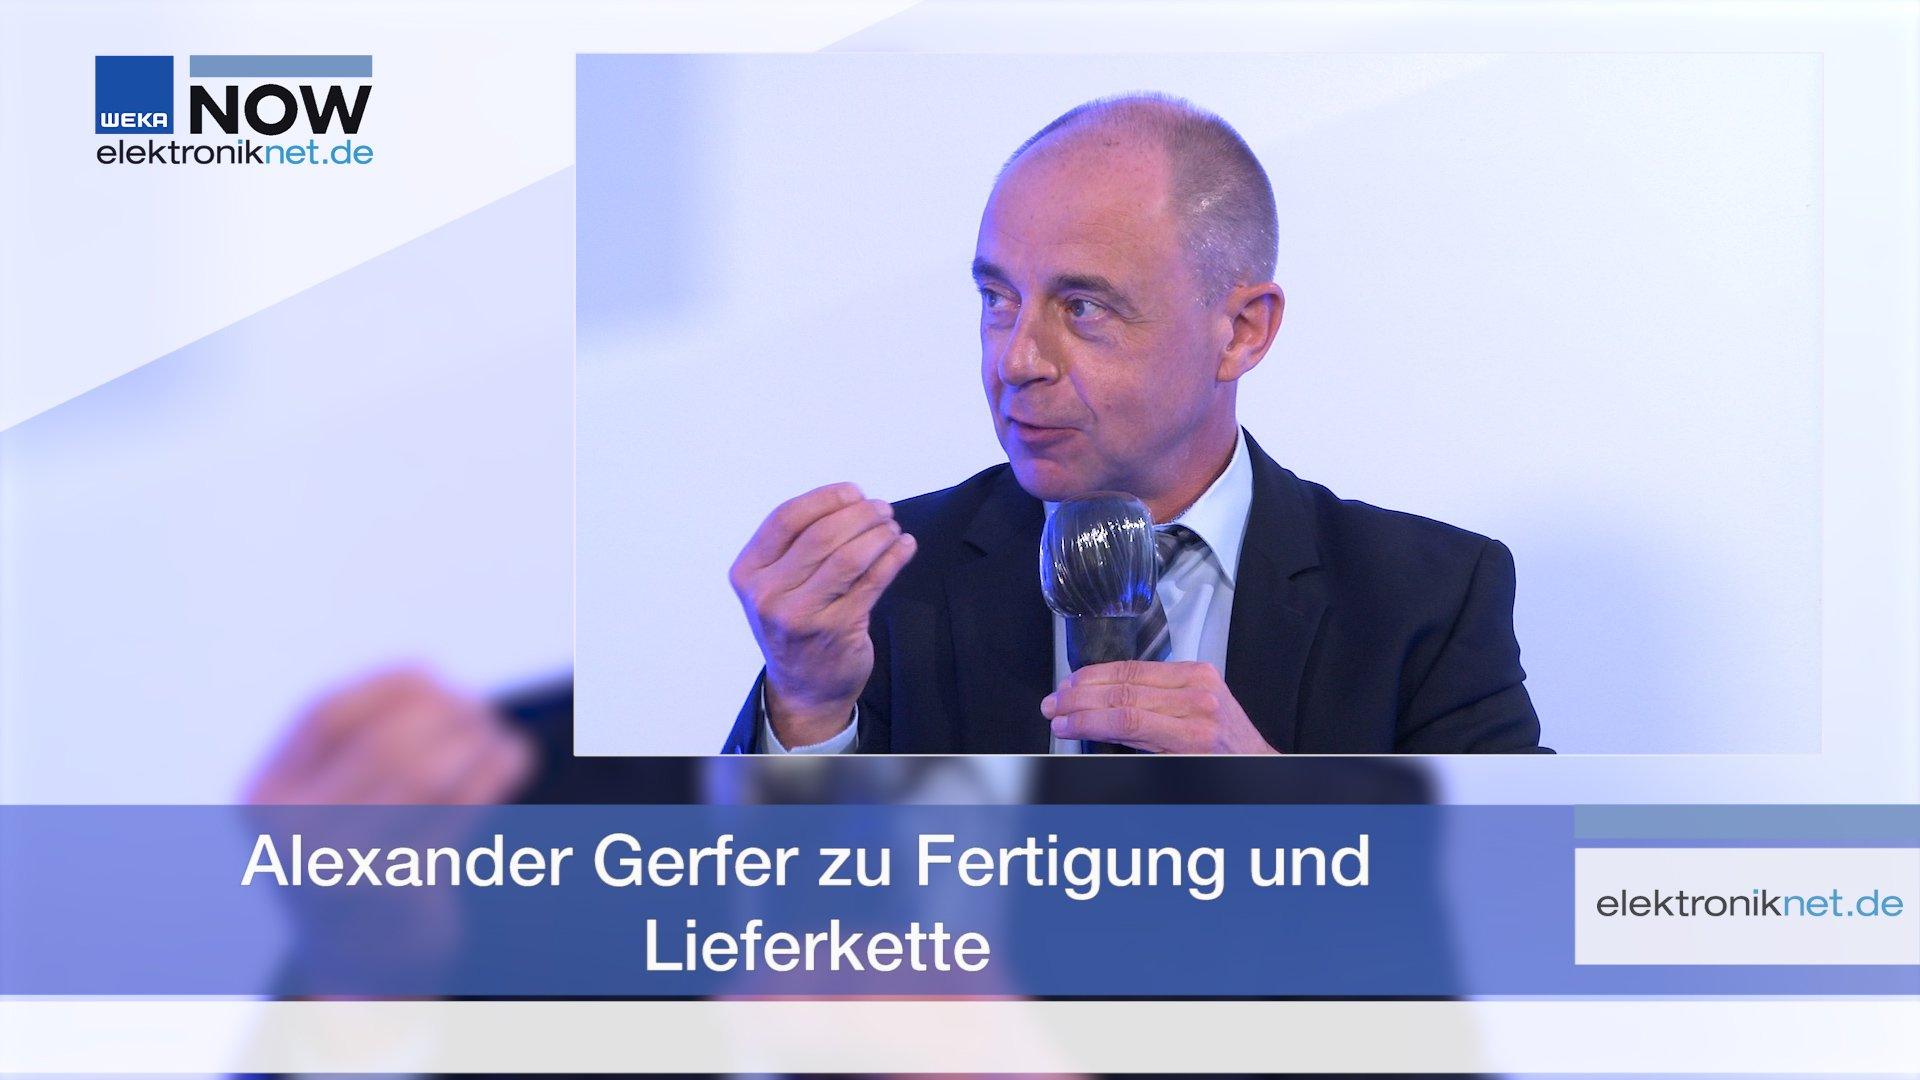 Alexander Gerfer zu Fertigung und Lieferkette